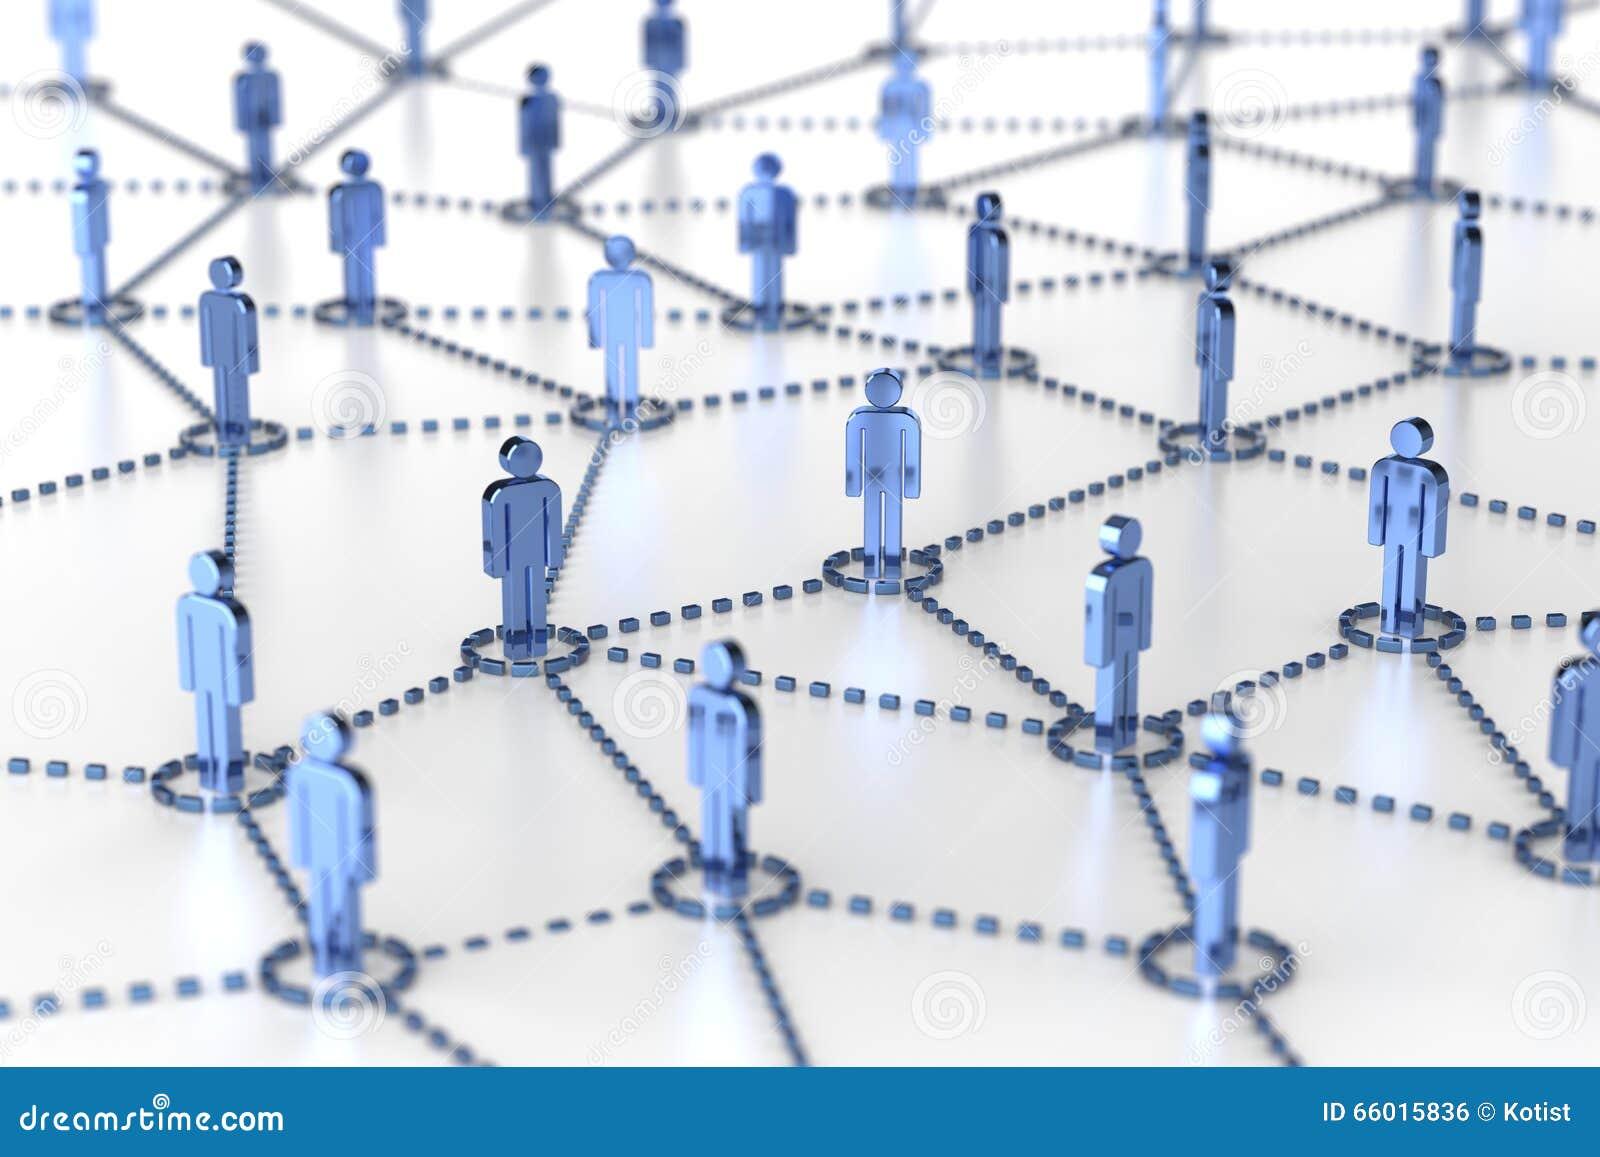 Δίκτυο, δικτύωση, σύνδεση, κοινωνικά δίκτυα, Διαδίκτυο, comm